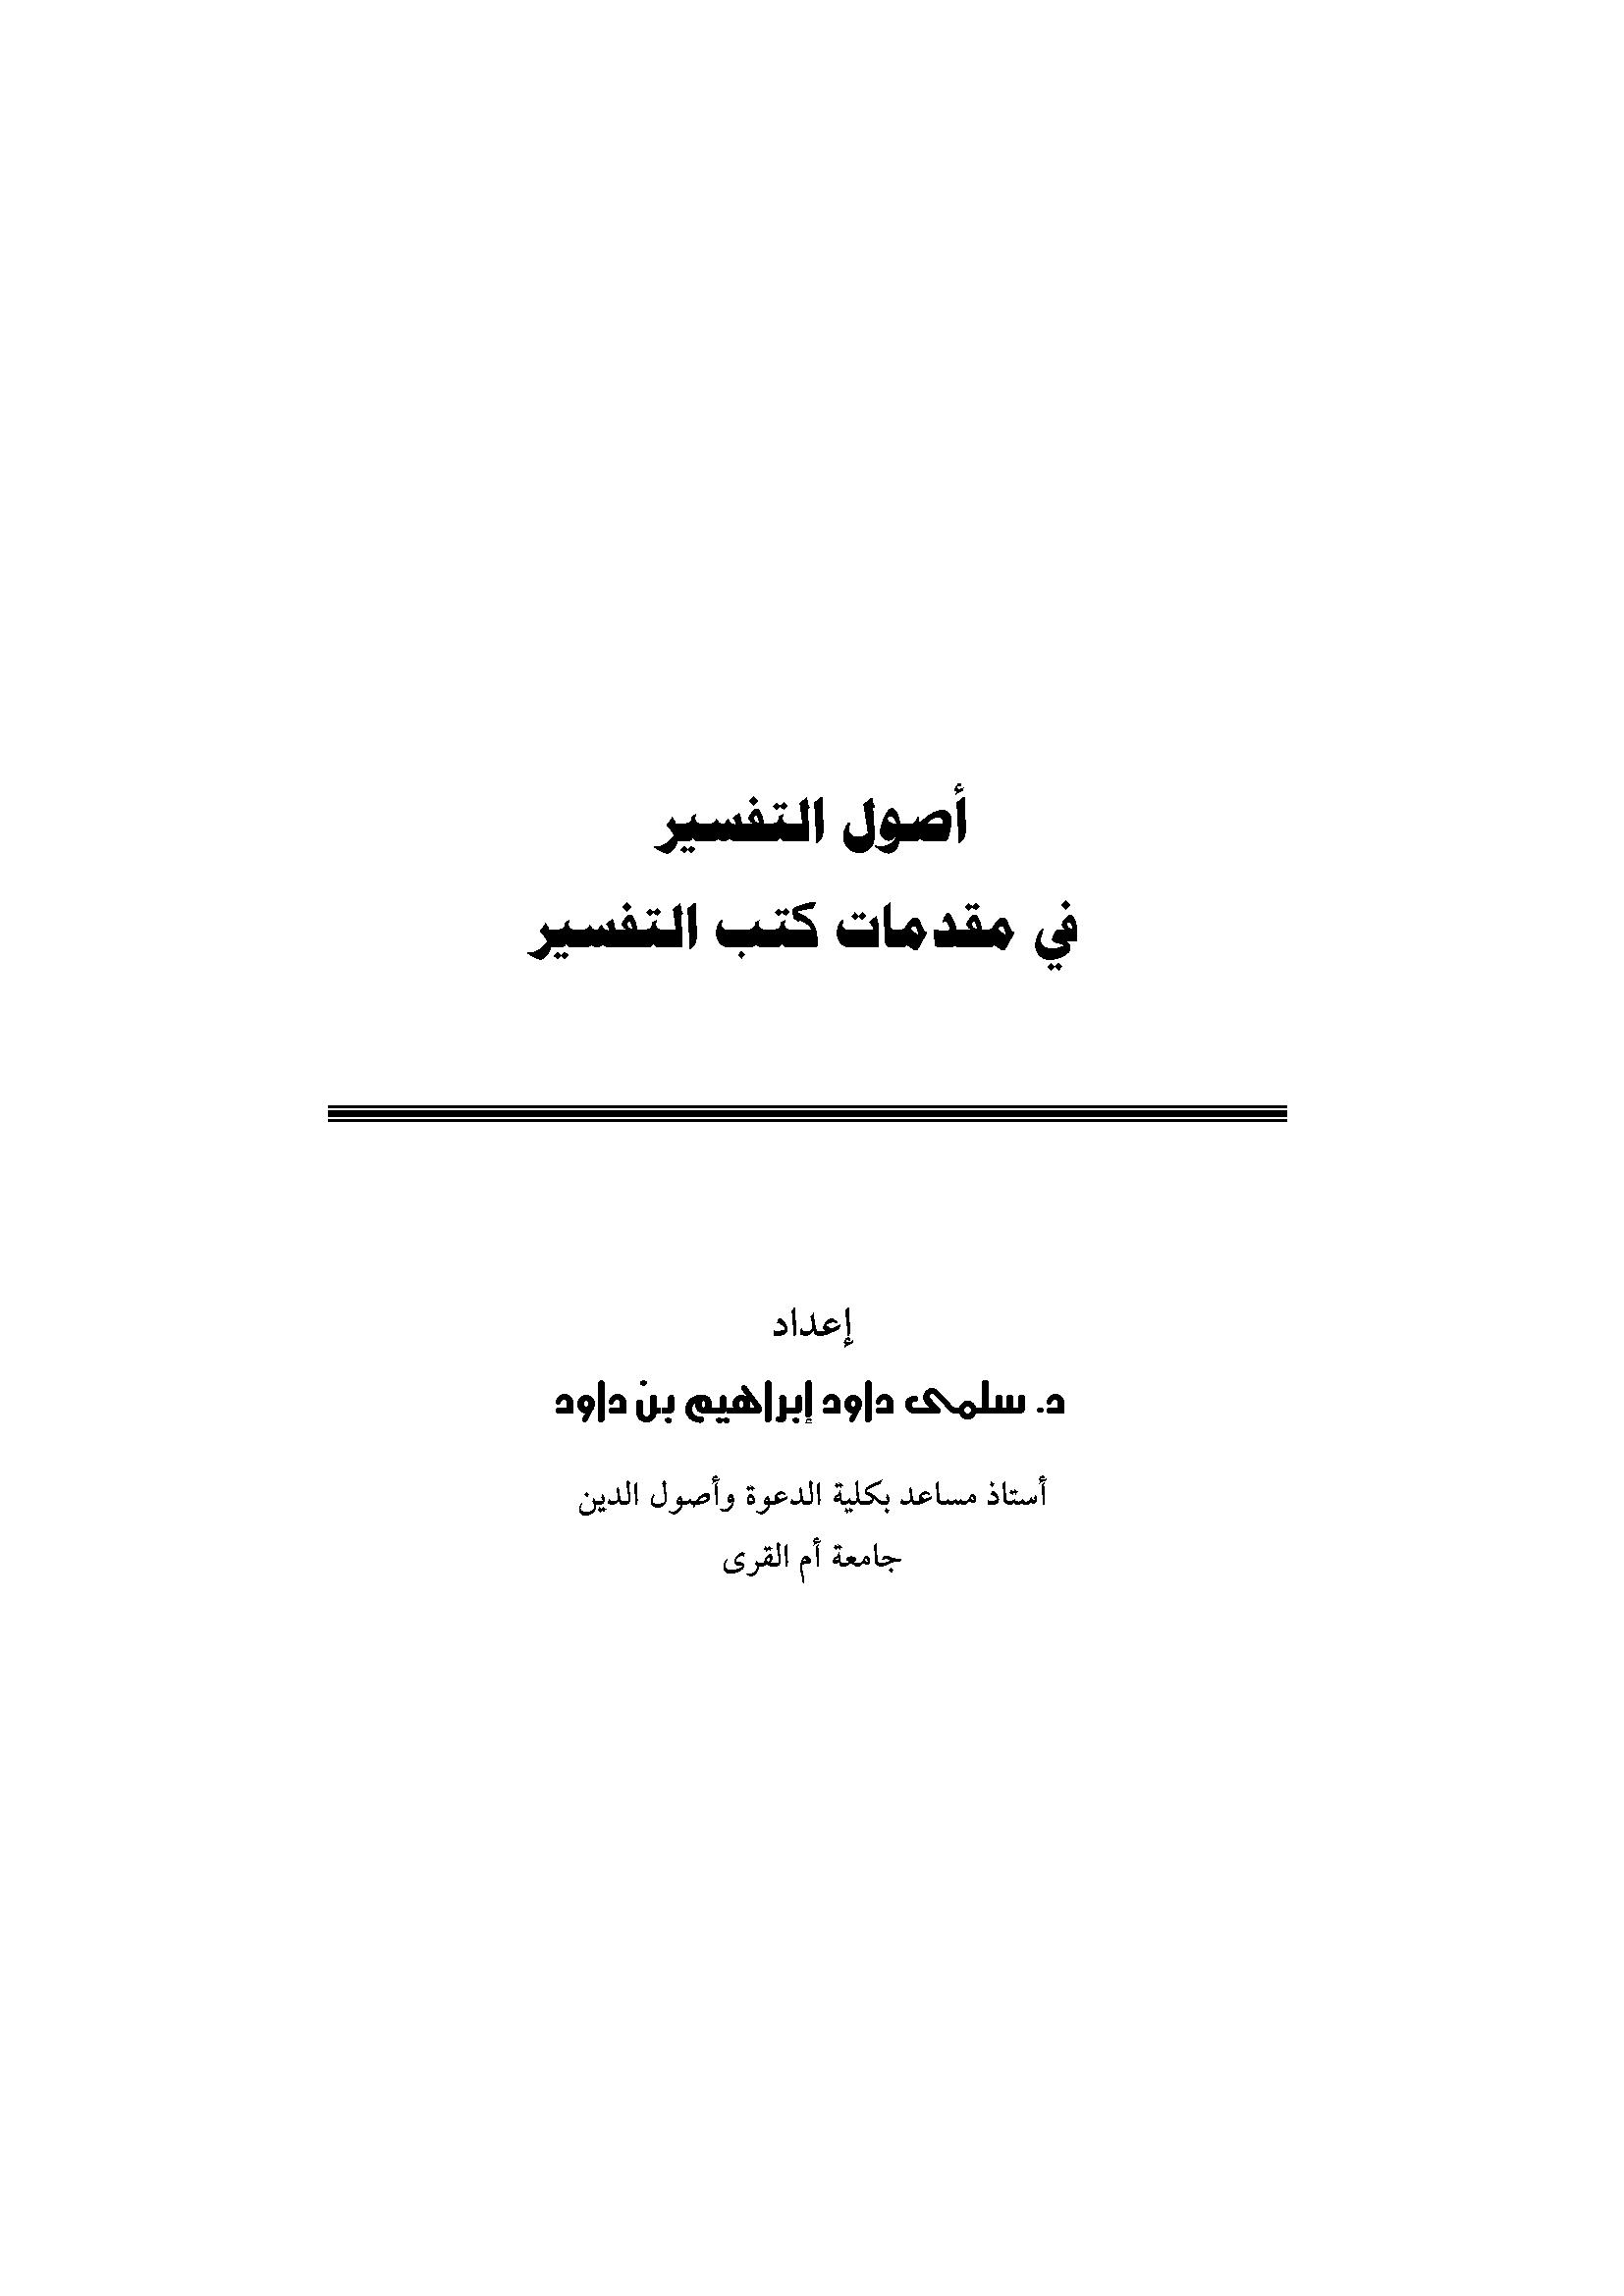 تحميل كتاب أصول التفسير في مقدمات كتب التفسير لـِ: سلمى داود إبراهيم بن داود